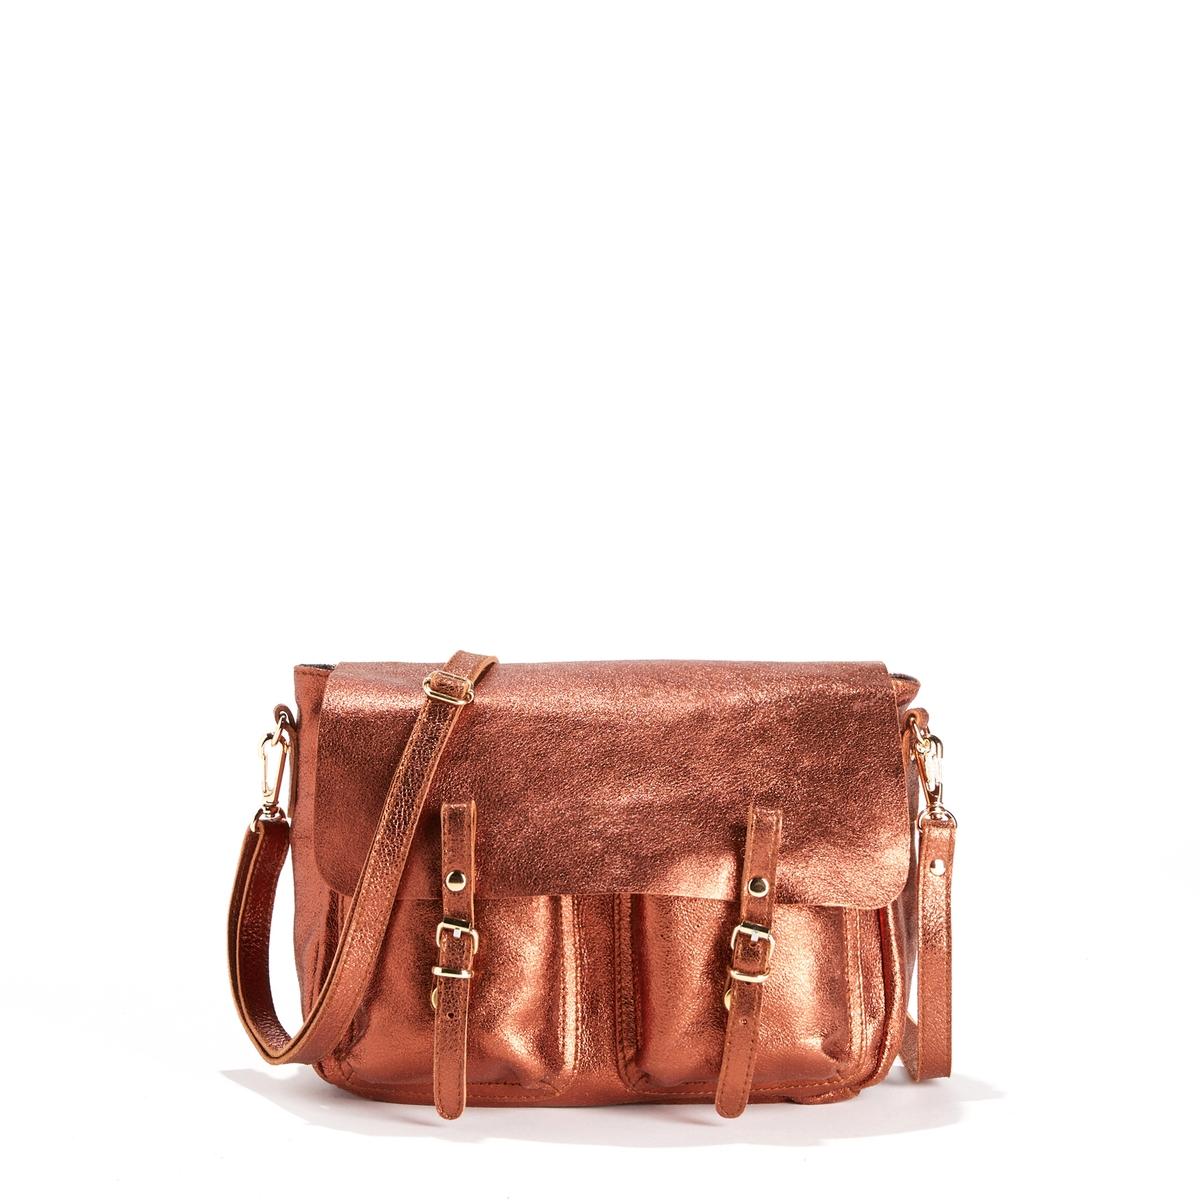 Сумка двусторонняя из ткани MINI MATHSДвусторонняя сумка CRAIE  - модель MINI MATHS CUIR с модулируемыми деталями из блестящей кожи, лицевой кожи и ткани.Детали    •  Двусторонняя и модулируемая при помощи кнопок сумка-портфель •  Благодаря съемной ручке, плечевому ремню и кольцу её можно носить в руке, на плече или как рюкзак •  Застежка на 2 кнопки с взаимозаменяемыми пряжками •  Карман с клапаном •  2 небольших кармана на отвороте. •  Размеры 26 x 18 x 8 см: маленькая модельСостав и уход    •  Овечья кожа •  Подкладка из хлопковой ткани  •  Следуйте советам по уходу, указанным на этикетке<br><br>Цвет: медный,черный